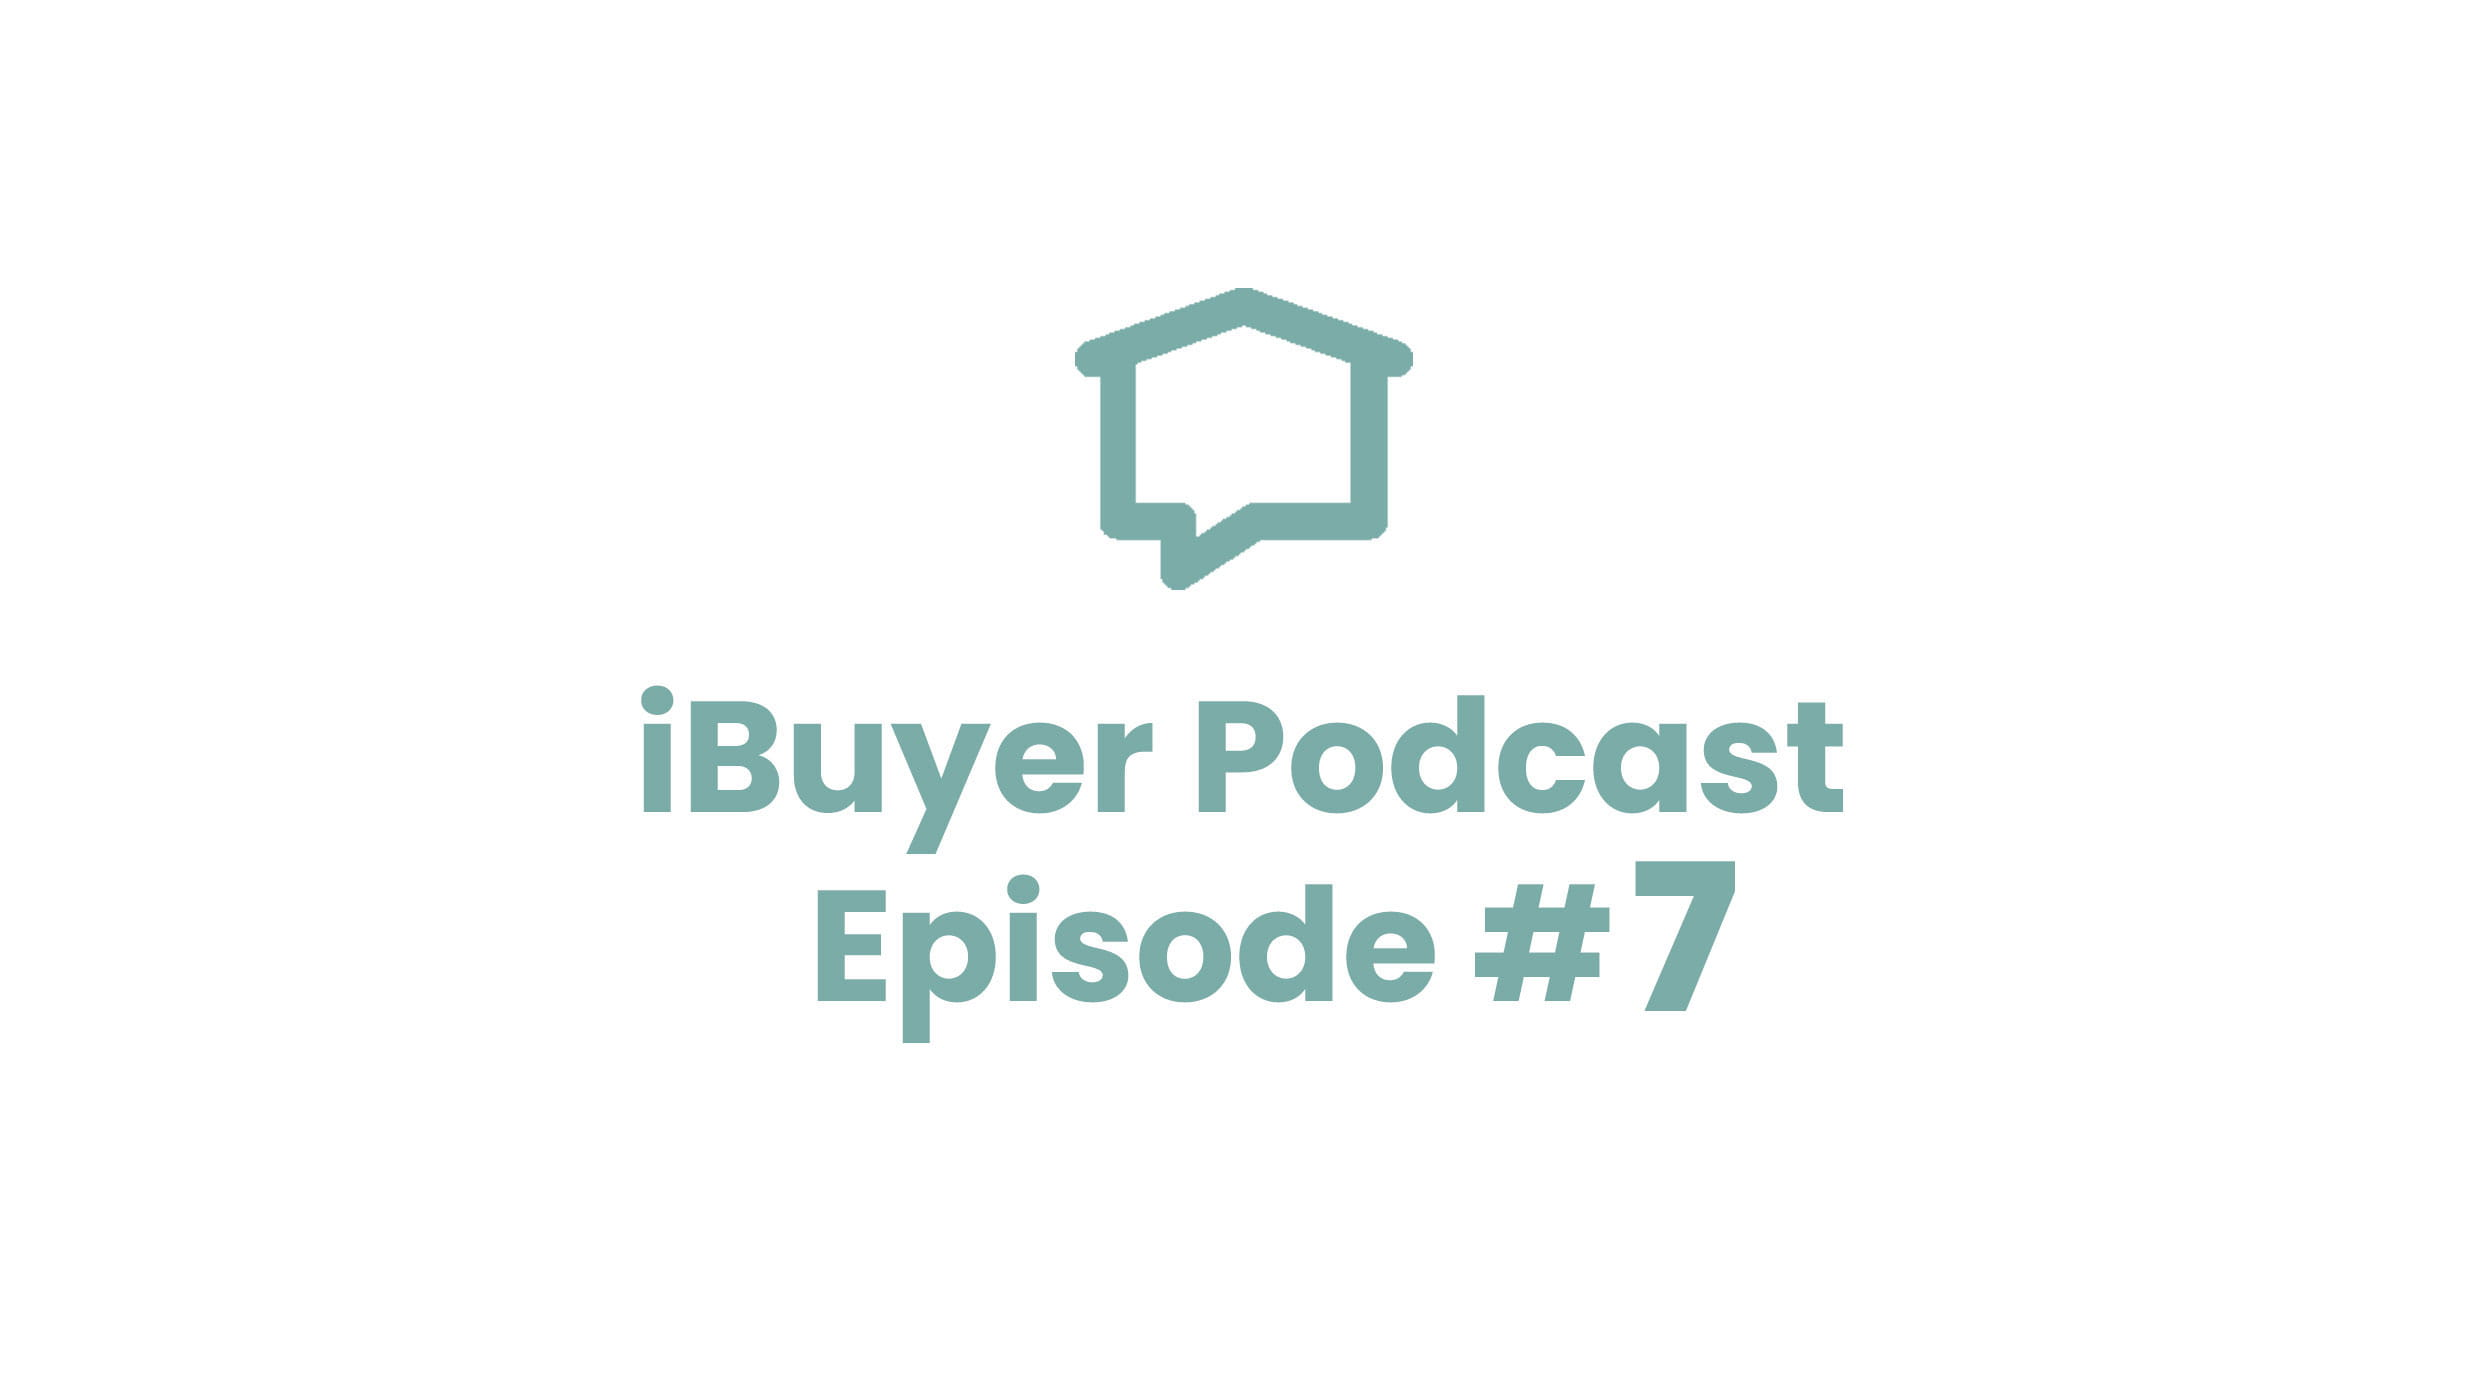 How Does Opendoor Work? [Podcast Episode 7]